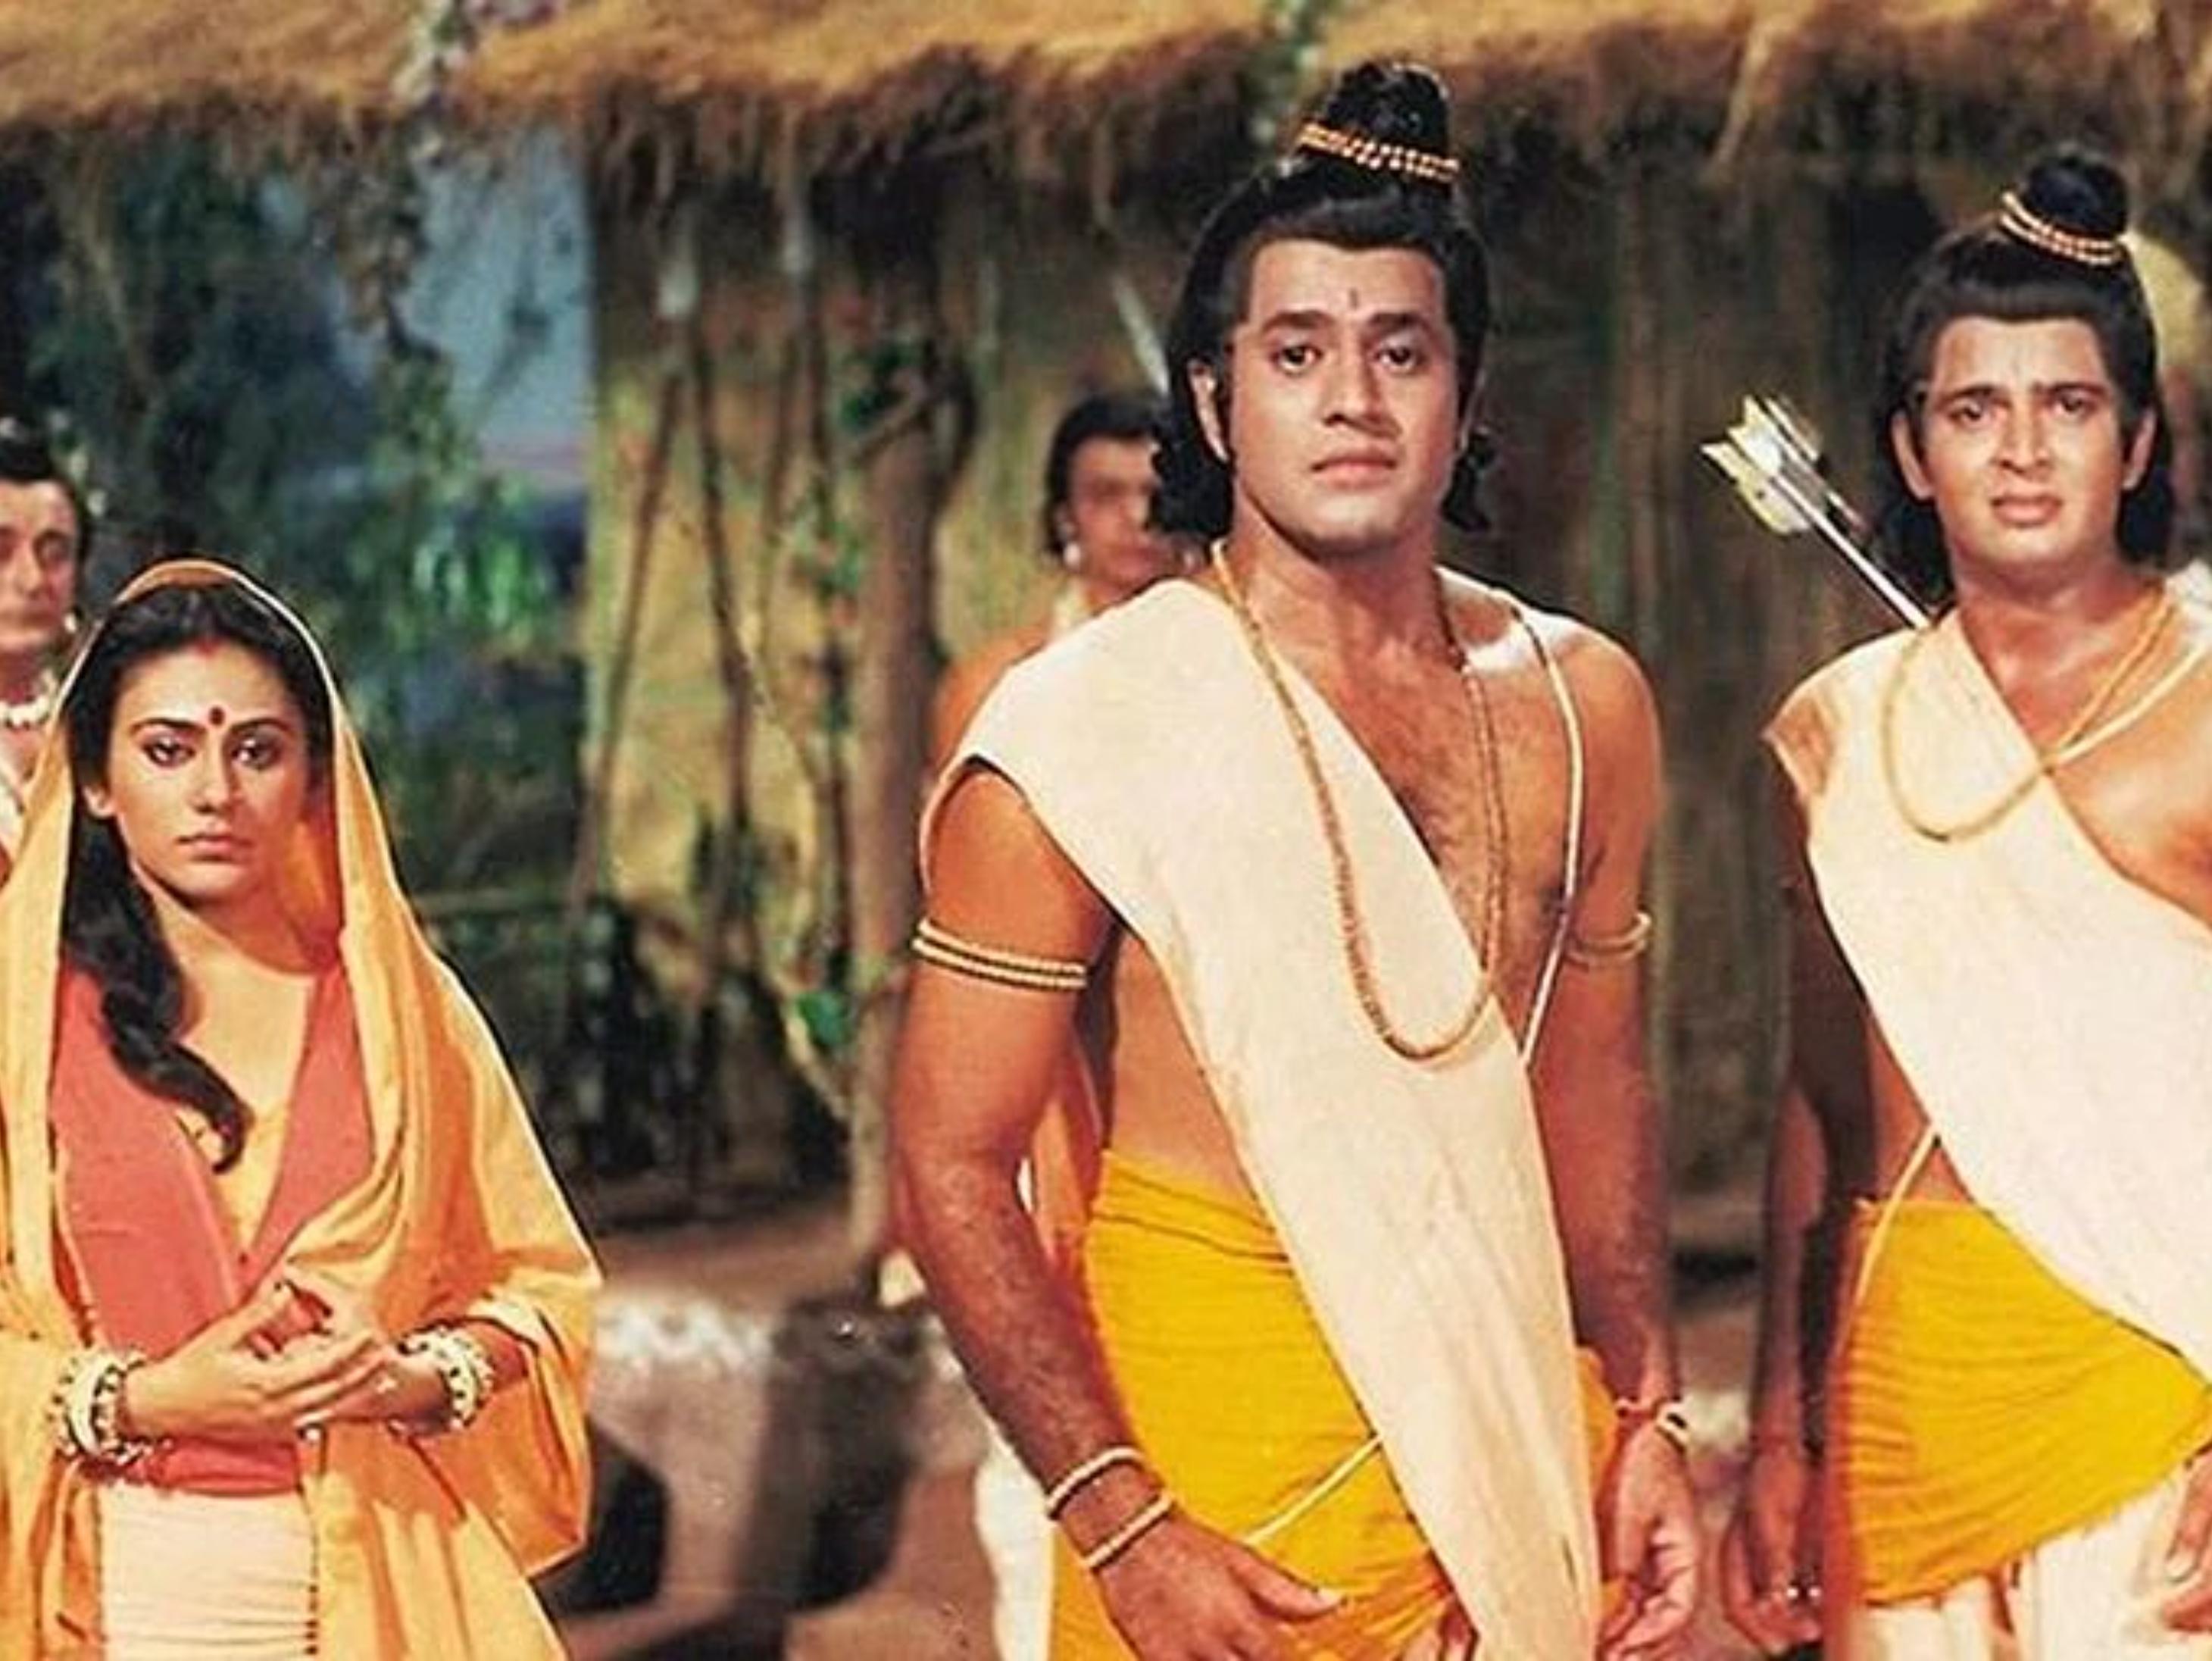 अक्षय कुमार की फिल्म 'ओह माय गॉड 2' में फिर से भगवान राम का रोल निभाते नजर आएंगे अरुण गोविल|बॉलीवुड,Bollywood - Dainik Bhaskar